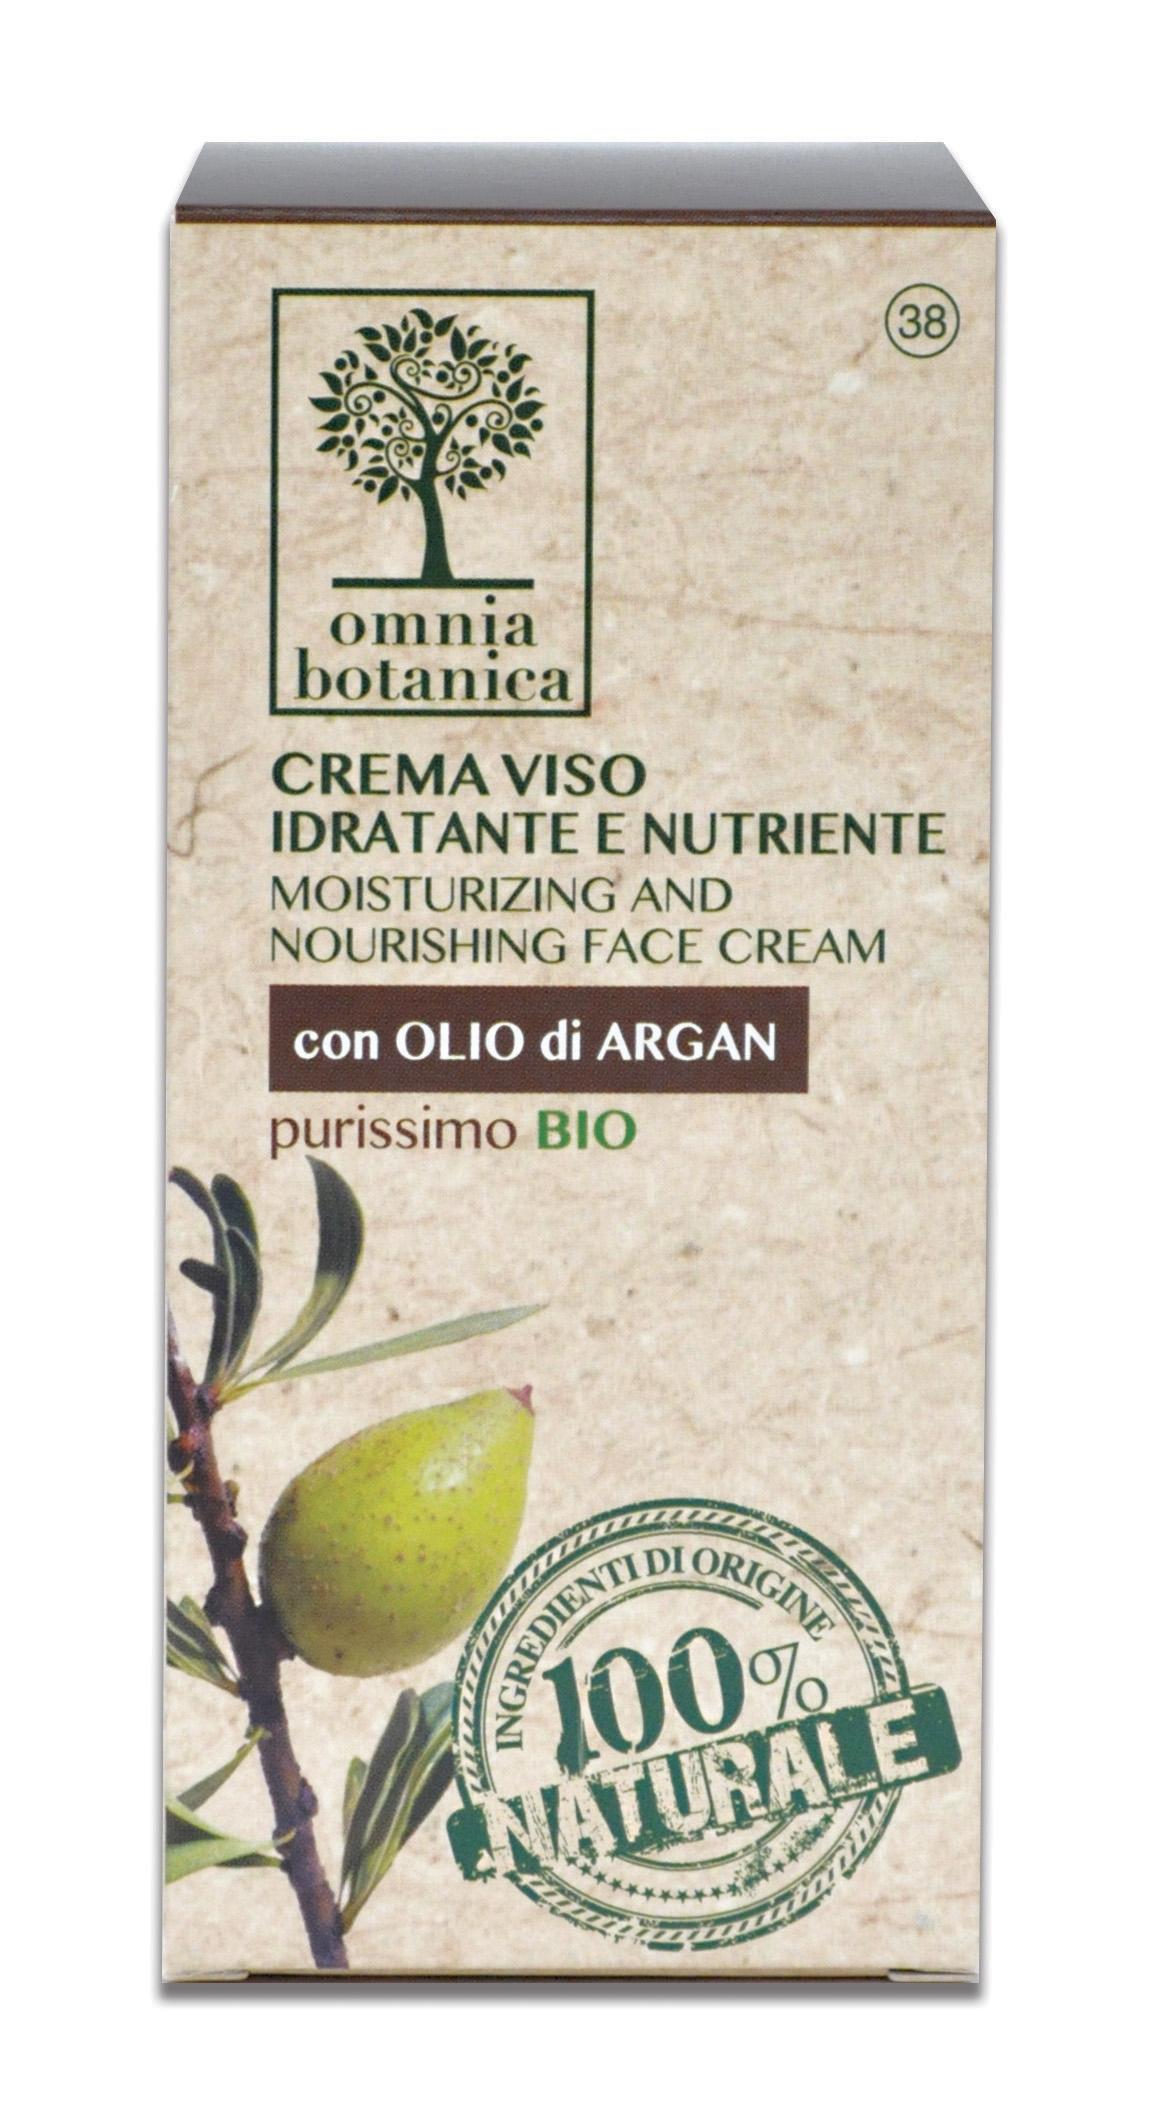 Image of Omnia Botanica Crema Viso Idratante e Nutriente con olio di Argan Purissimo 50 ml 8033629074857